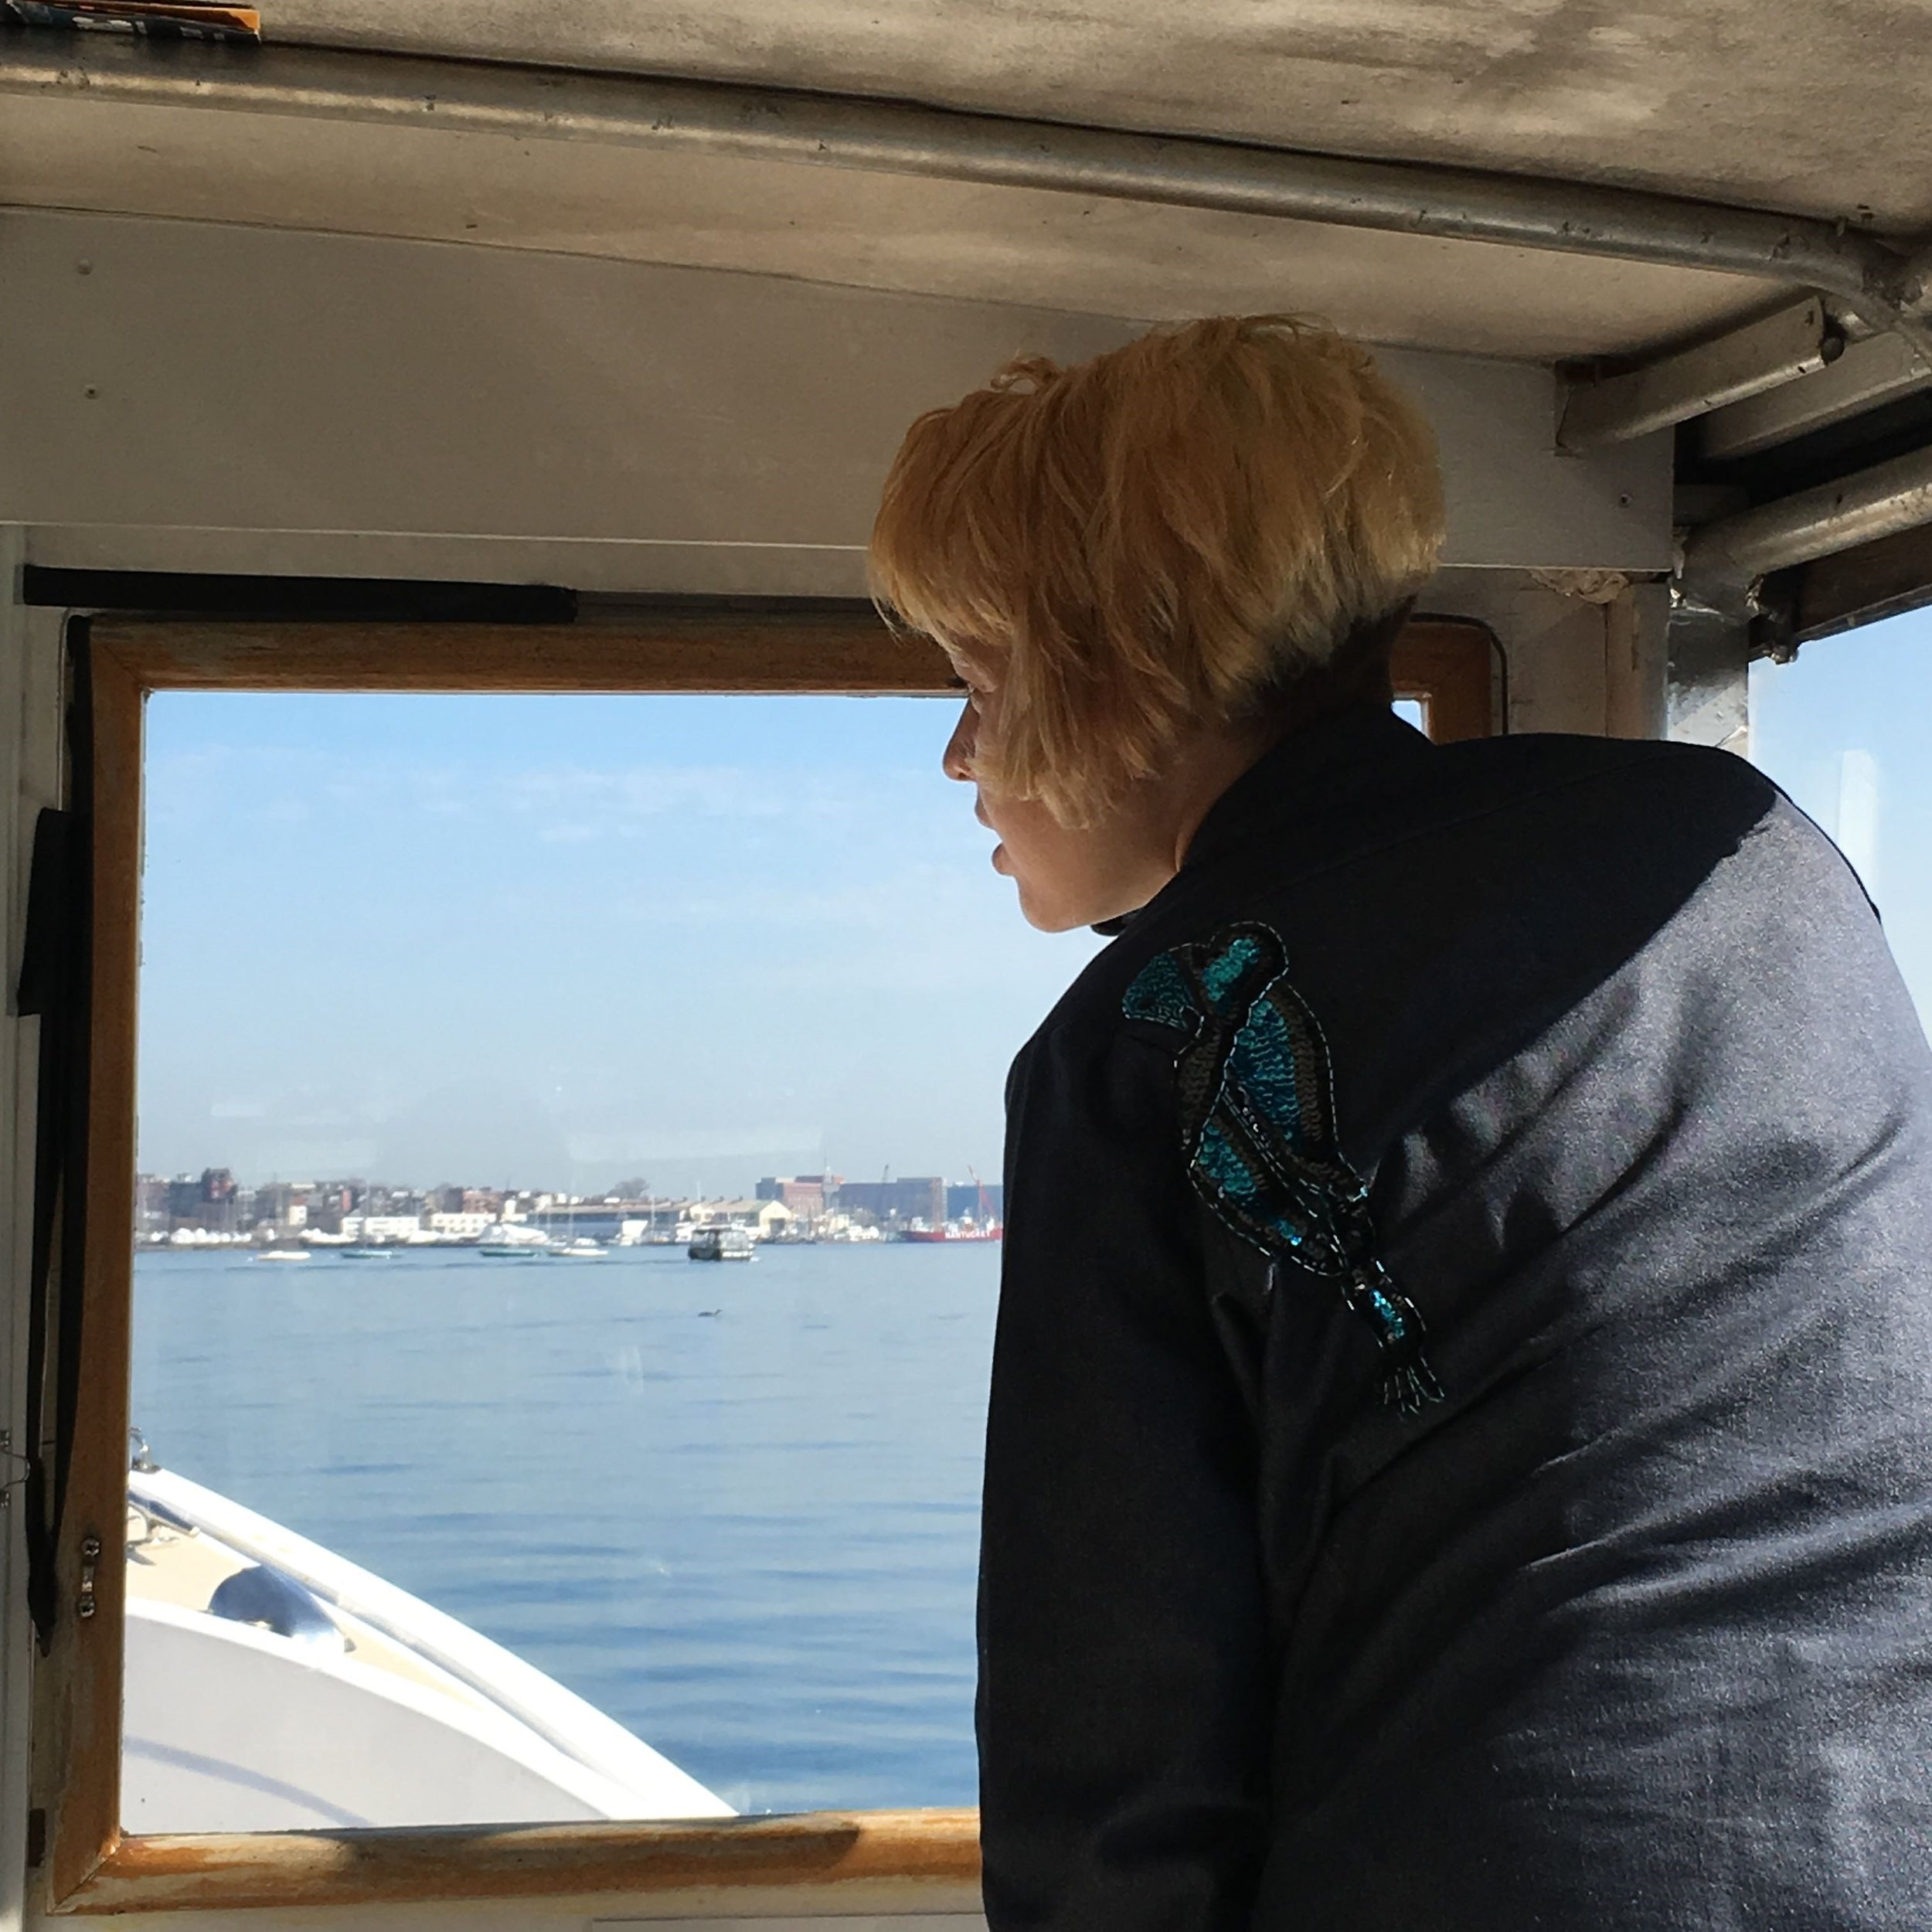 MIT Media Lab research assistant Mirium Simun explores Boston Harbor